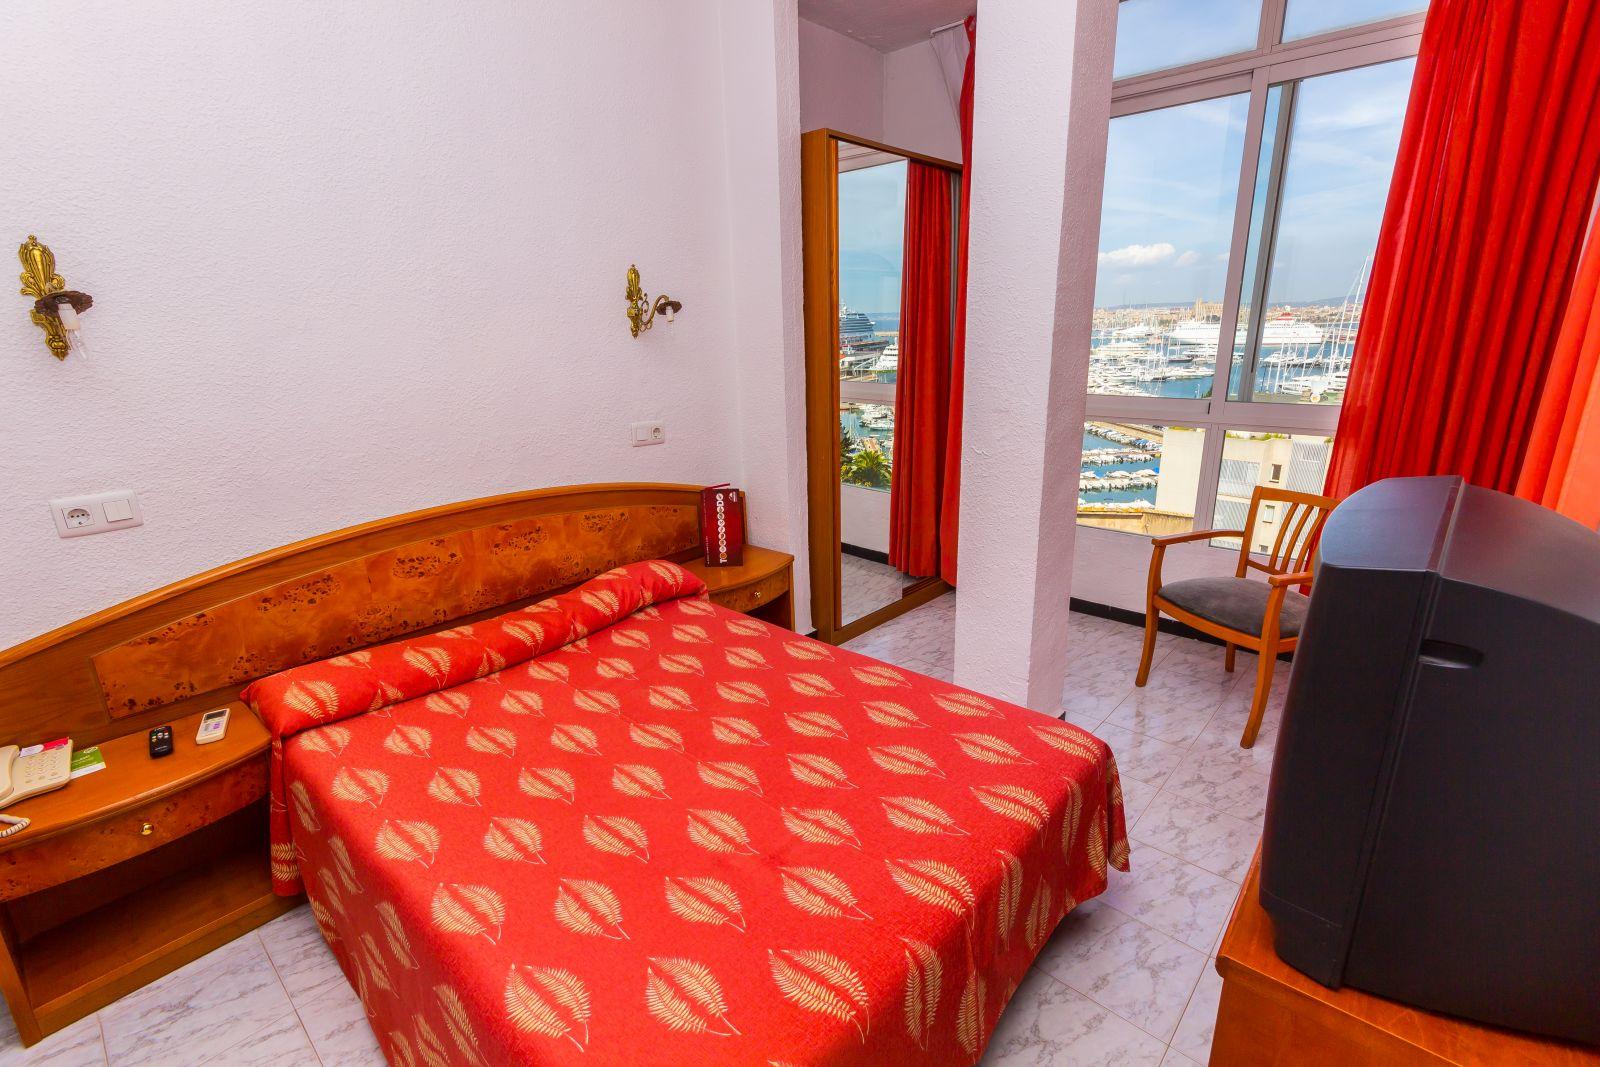 Habitación individual  del hotel Amic Horizonte. Foto 2